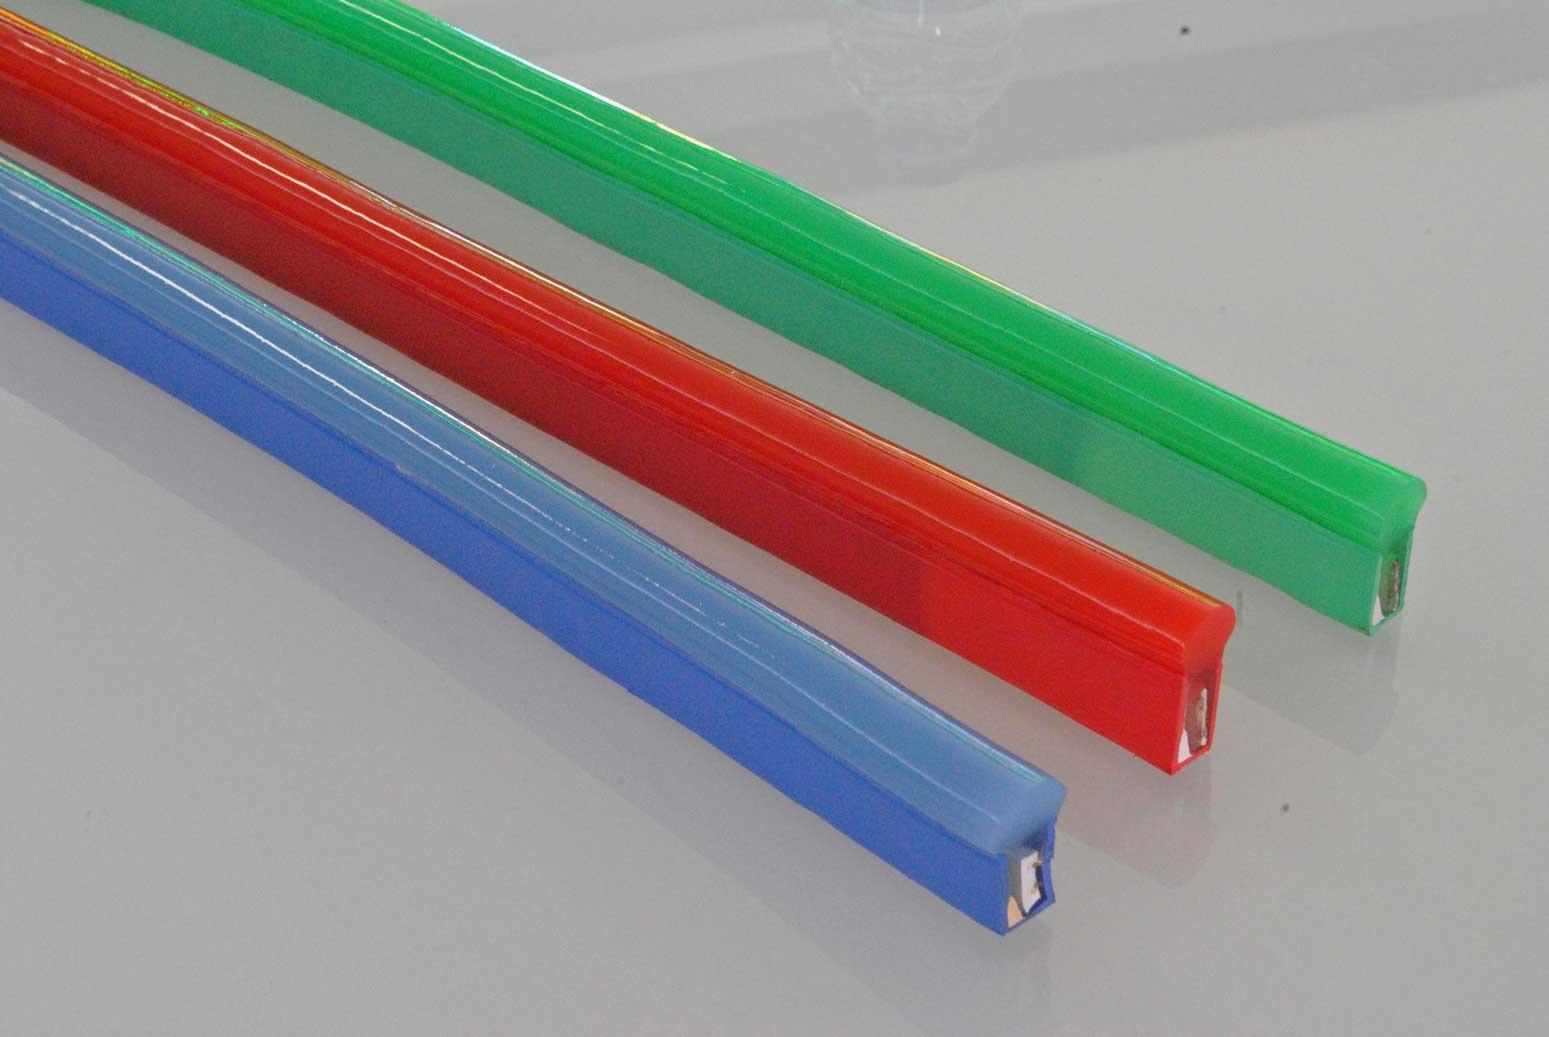 Vivid-S-270-Flexible-Neon-Color-Jacket